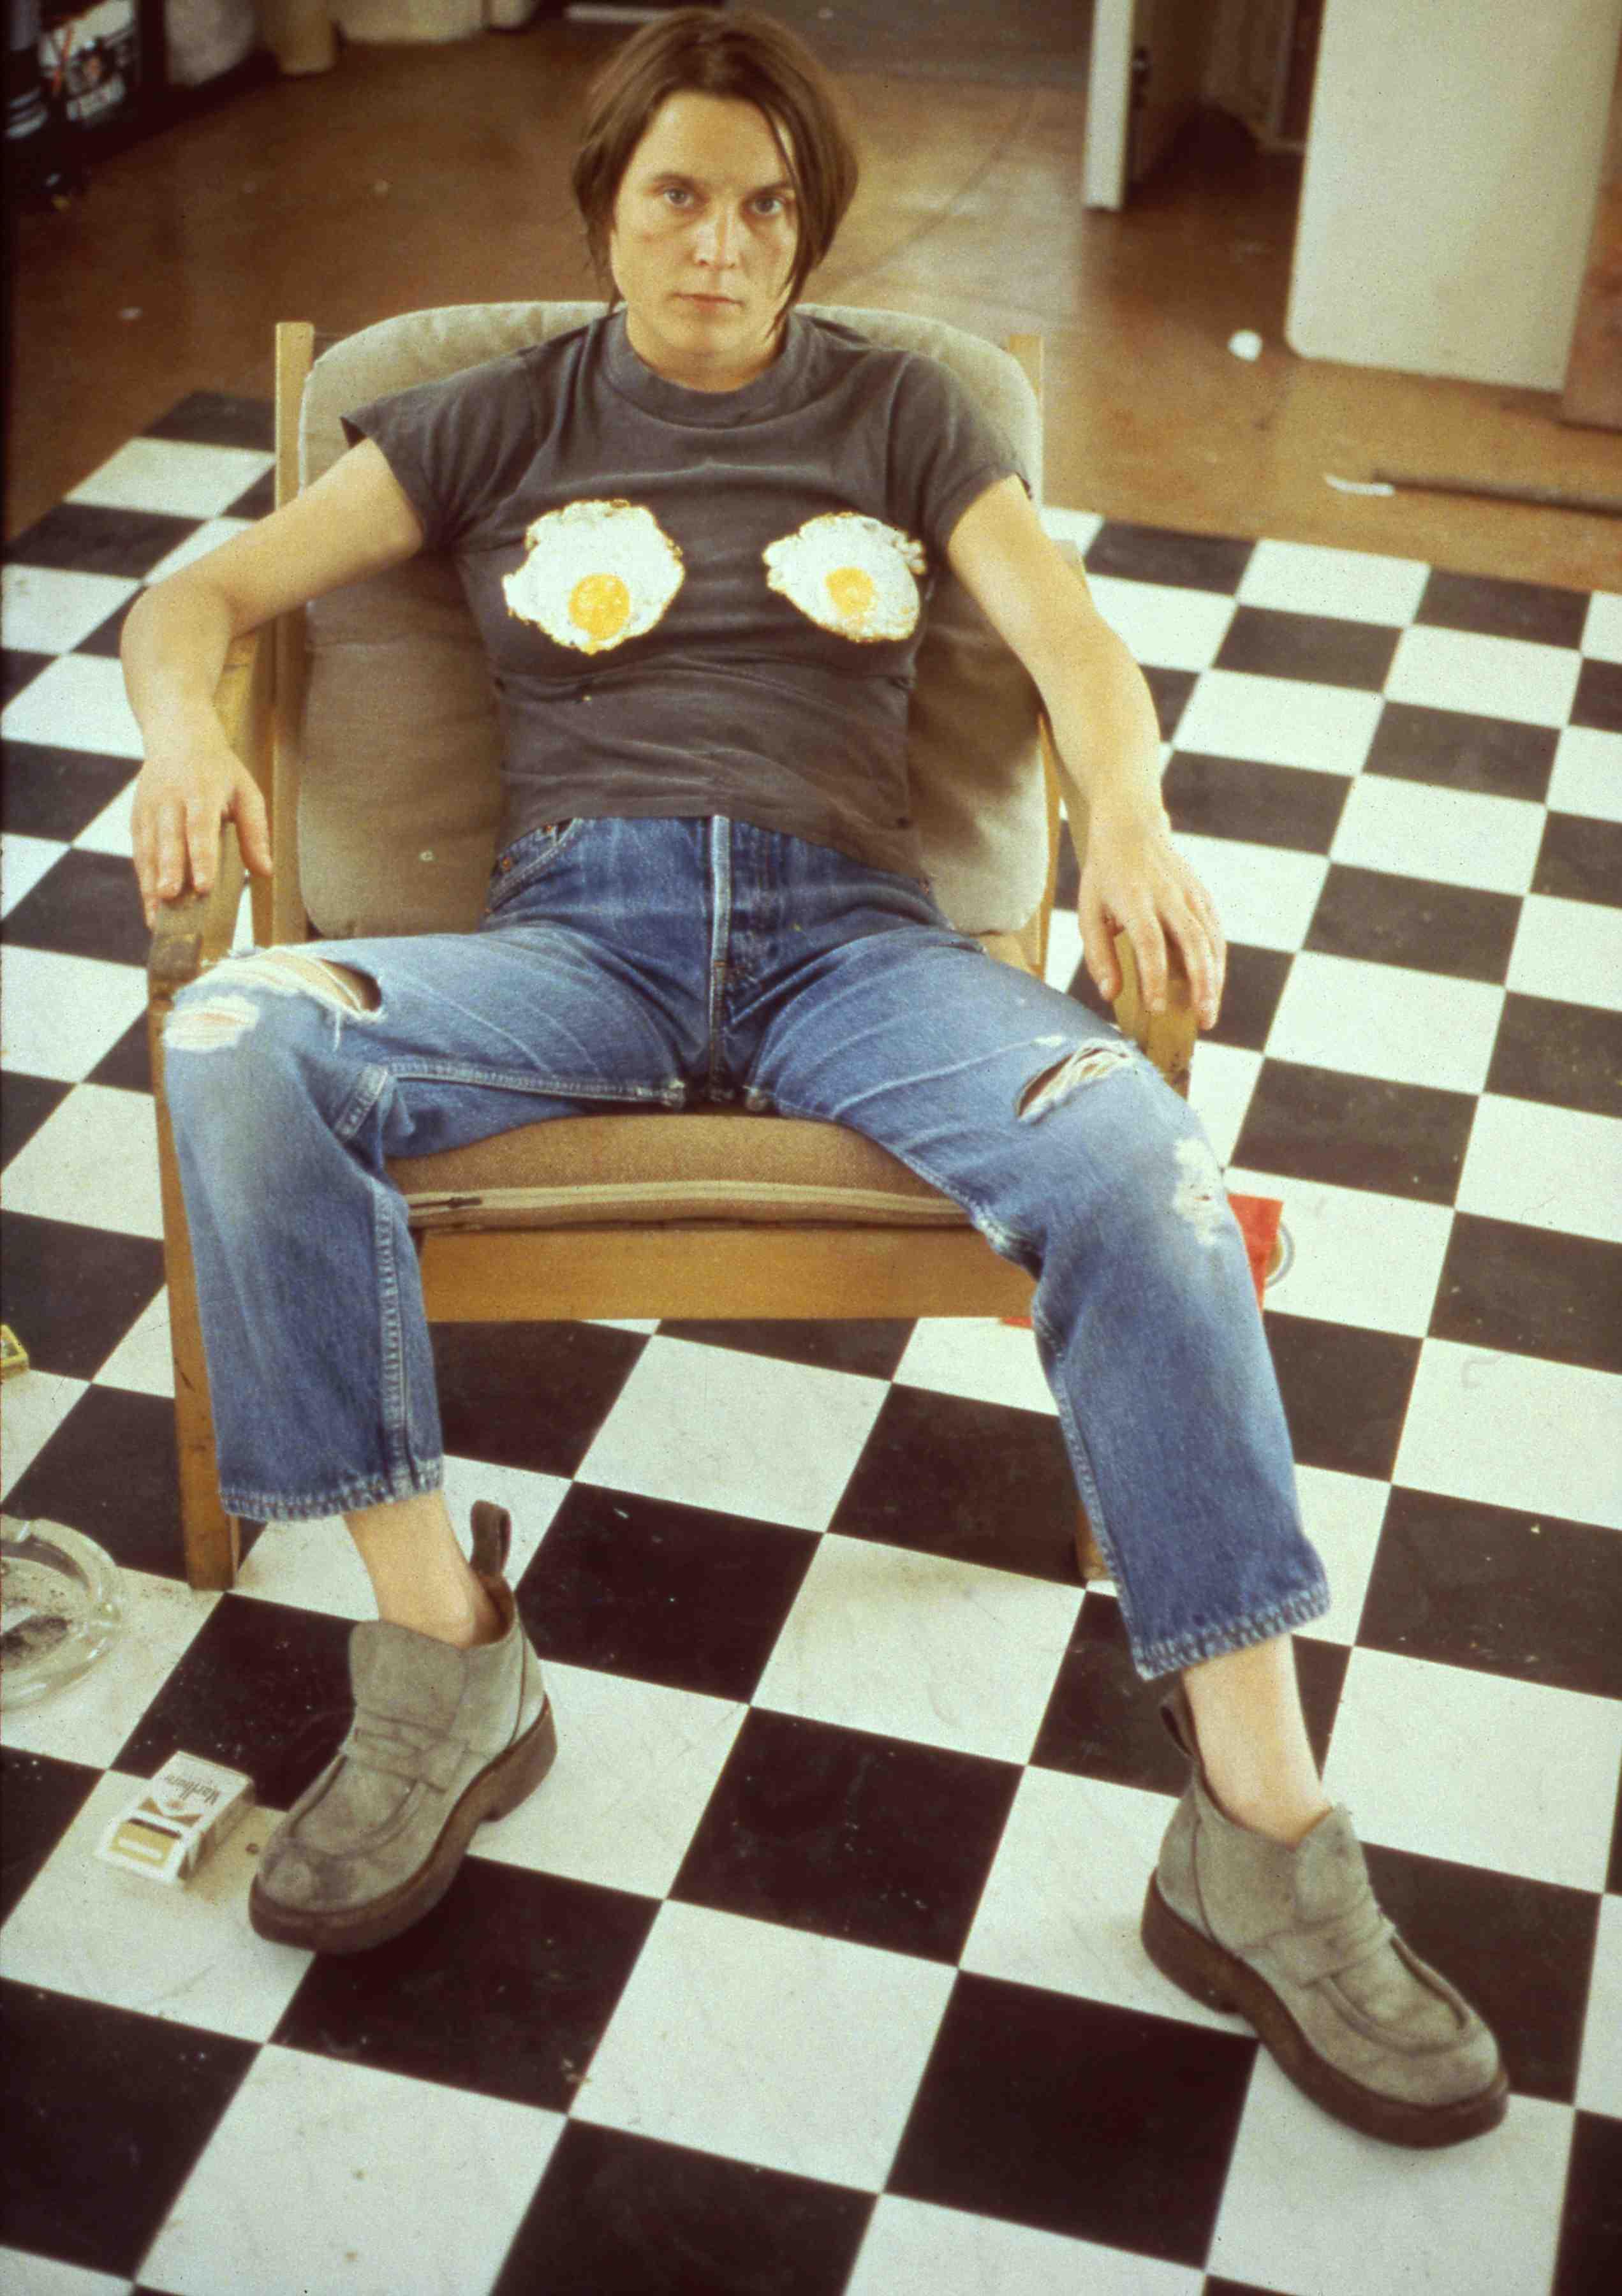 Självporträtt med stekt ägg, Sarah Lucas, 1996. Foto: Louisiana